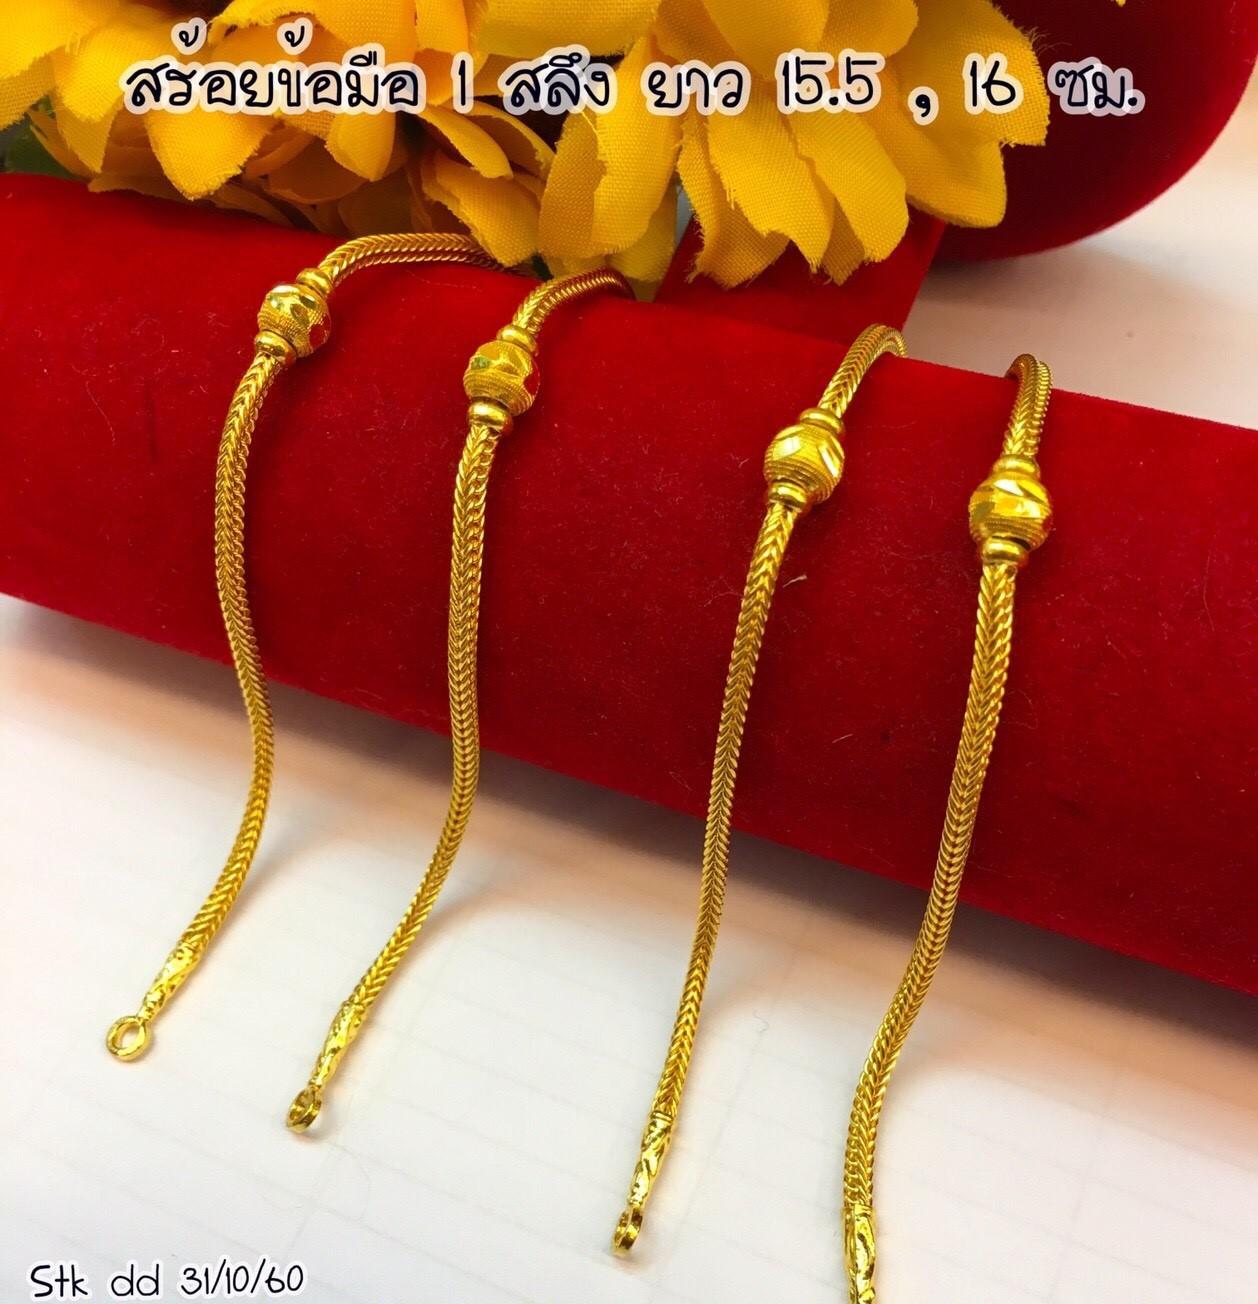 สร้อยข้อมือทองแท้ 96.5% หนัก 1 สลึง /ยาว 15.5 เซน